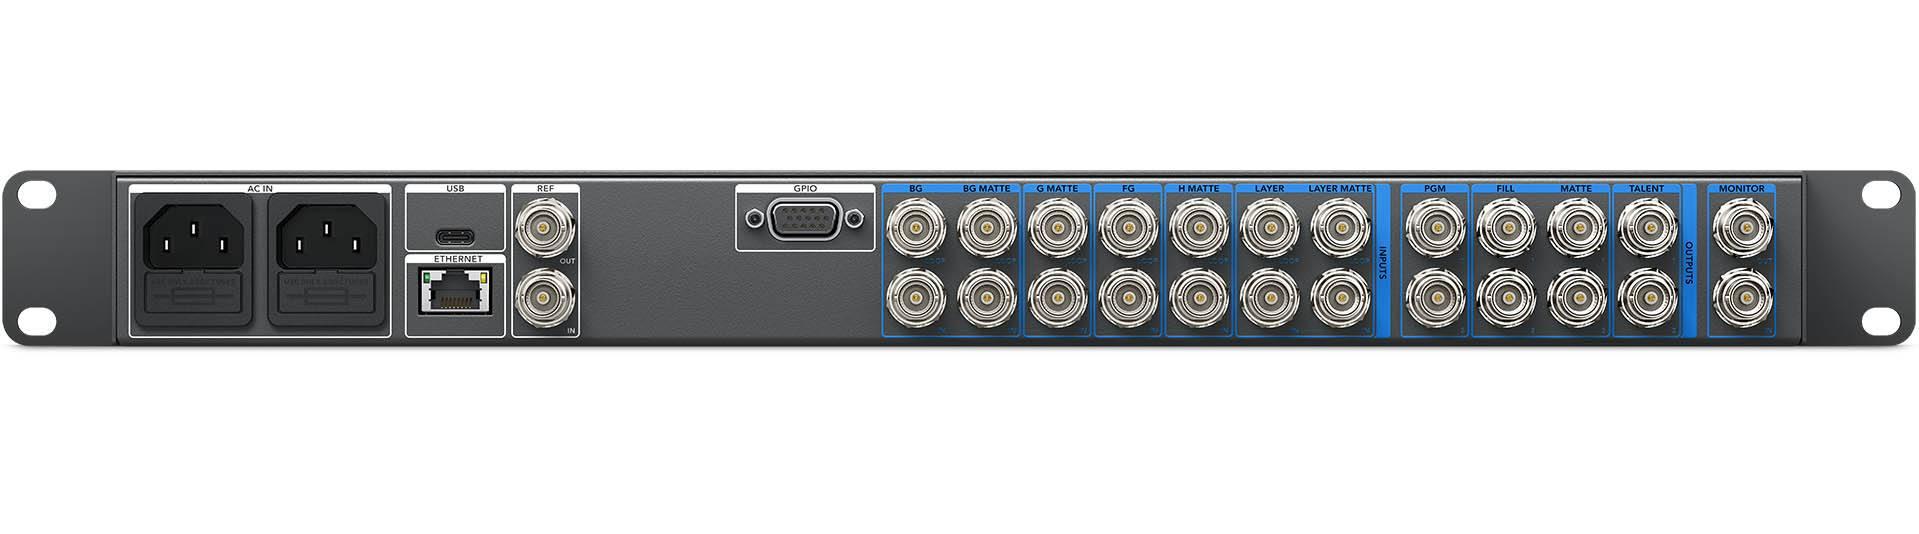 Ultimatte 12 - Rear Connectors - ULTMKEY12